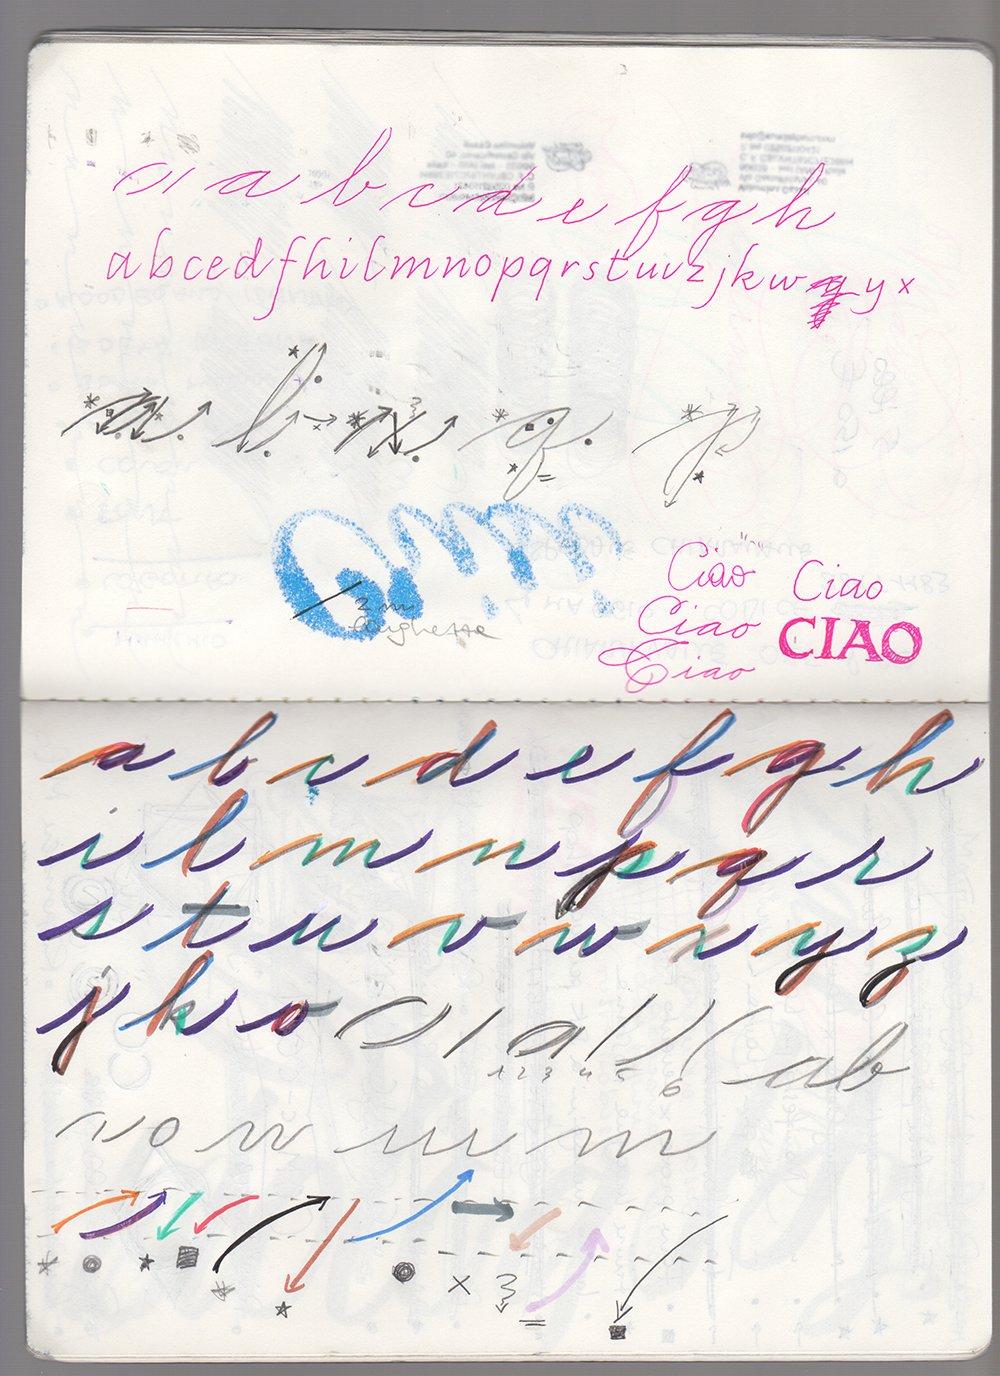 Selezione e classificazione dei tratti dell'American Cursive Handwriting.